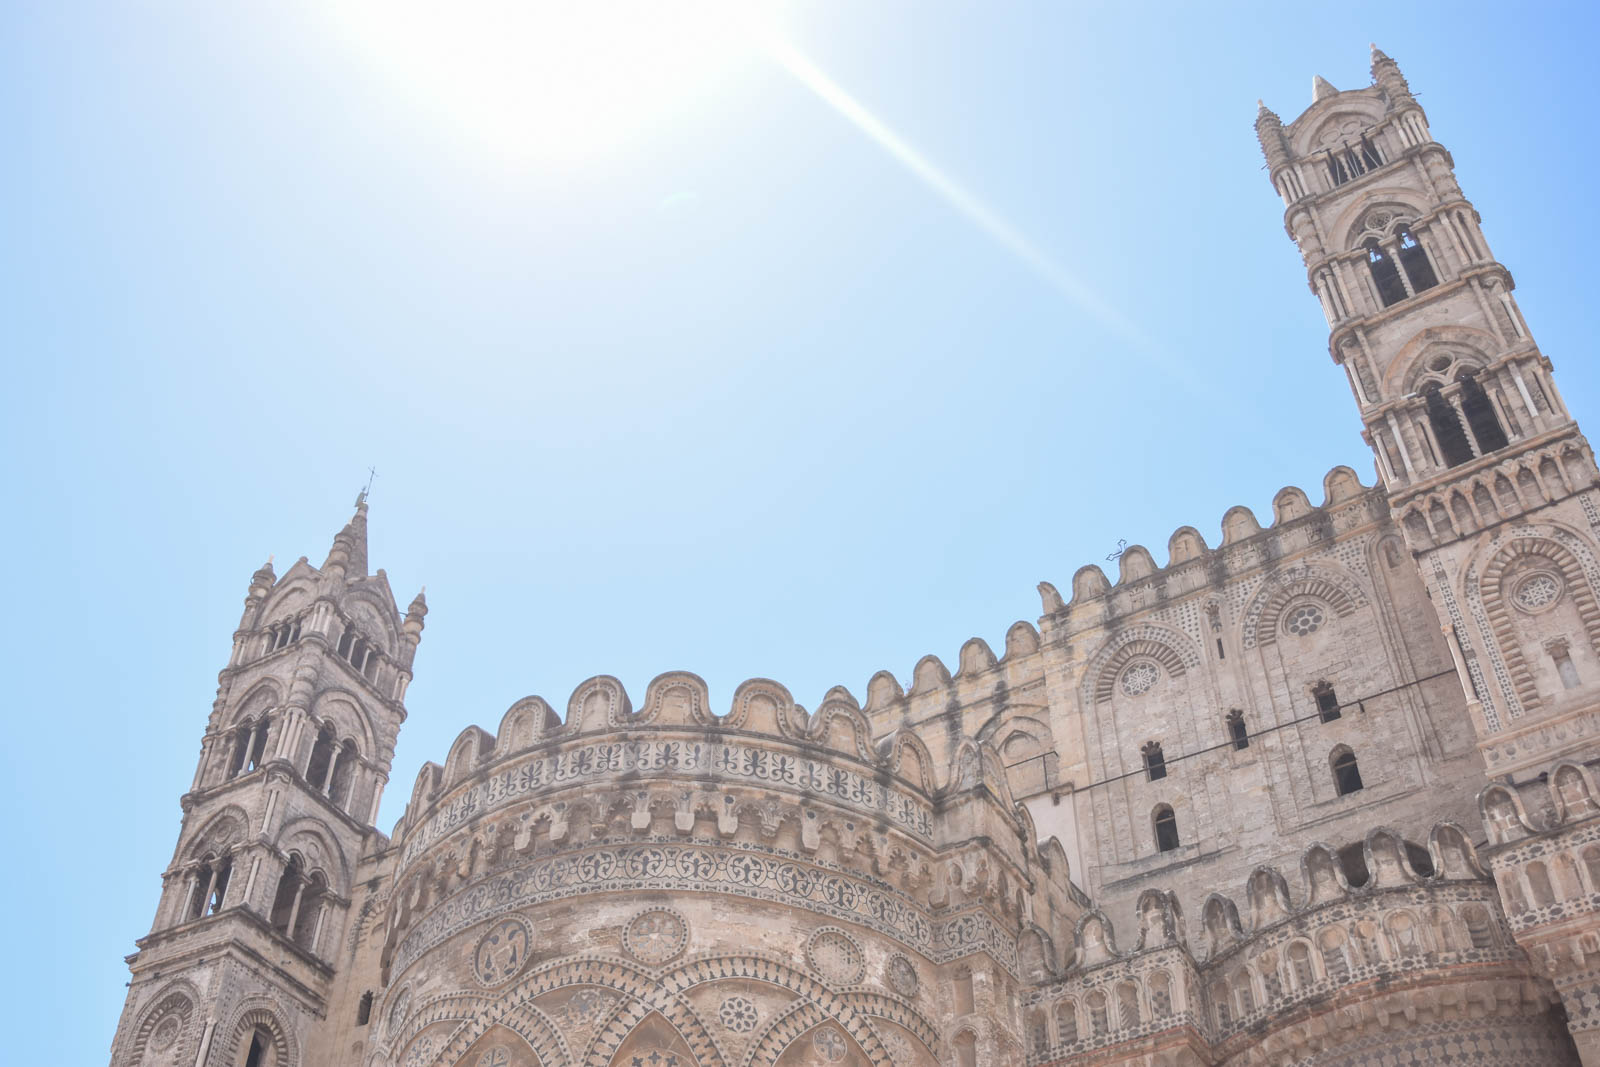 el-blog-de-silvia-rodriguez-lifestyle-travel-blogger-verano-vacaciones-en-palermo-sicilia-sicily-holidays-white-summer-dres